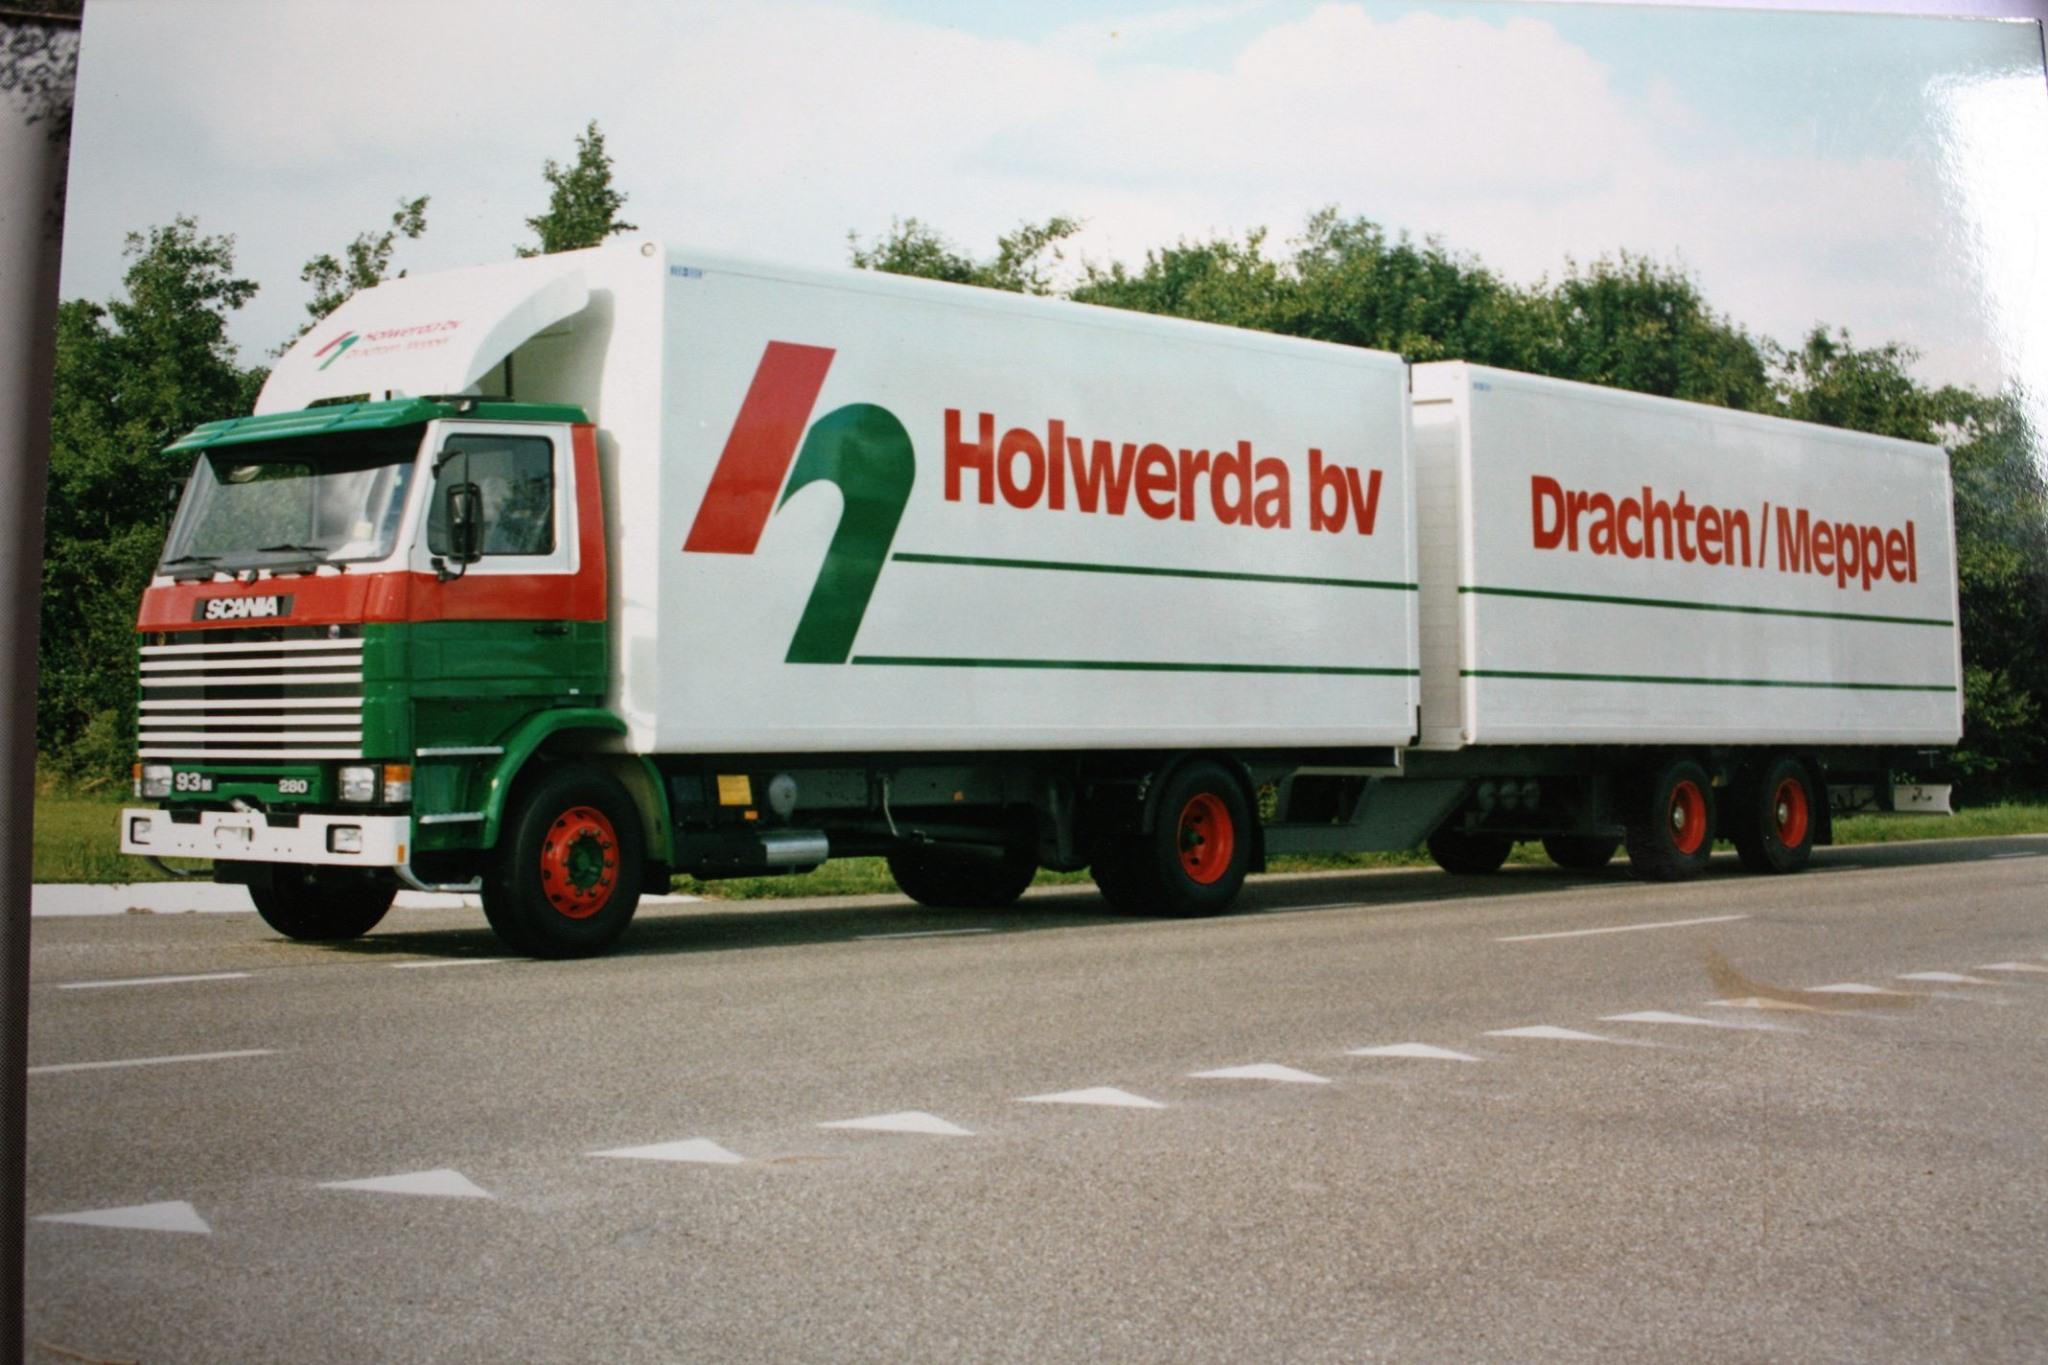 Rondaan-carr--RAF-Trailers-en-Trucks-en-RAF-aanhangwagens-die-door-Rondaan-in-Beetgum-gebouwd-zijn-ook-voor-Holwerda-in-Drachten-4